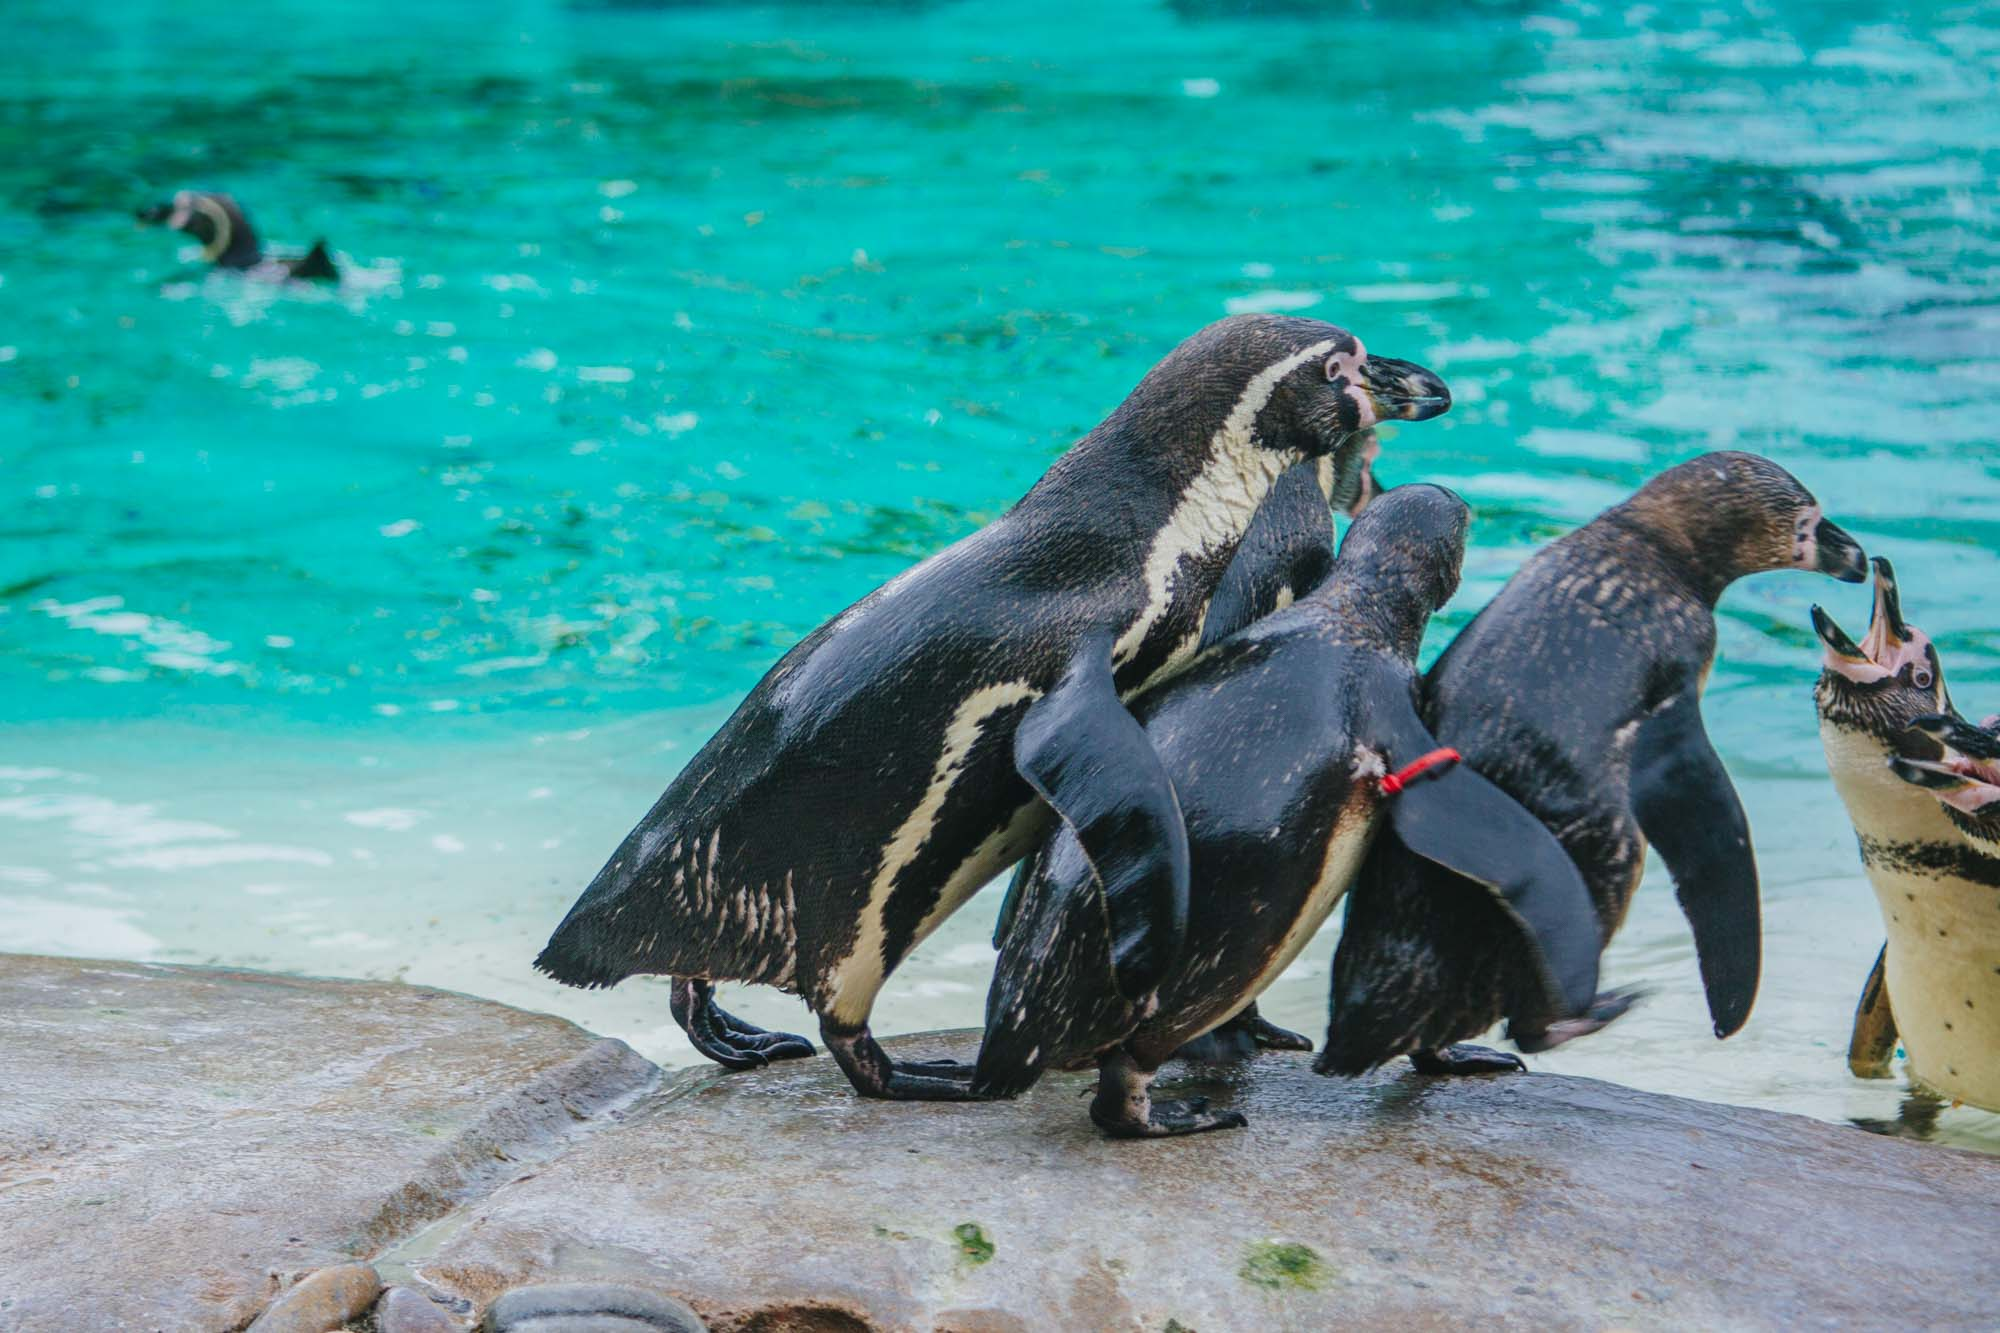 London Zoo ZSL - Penguins